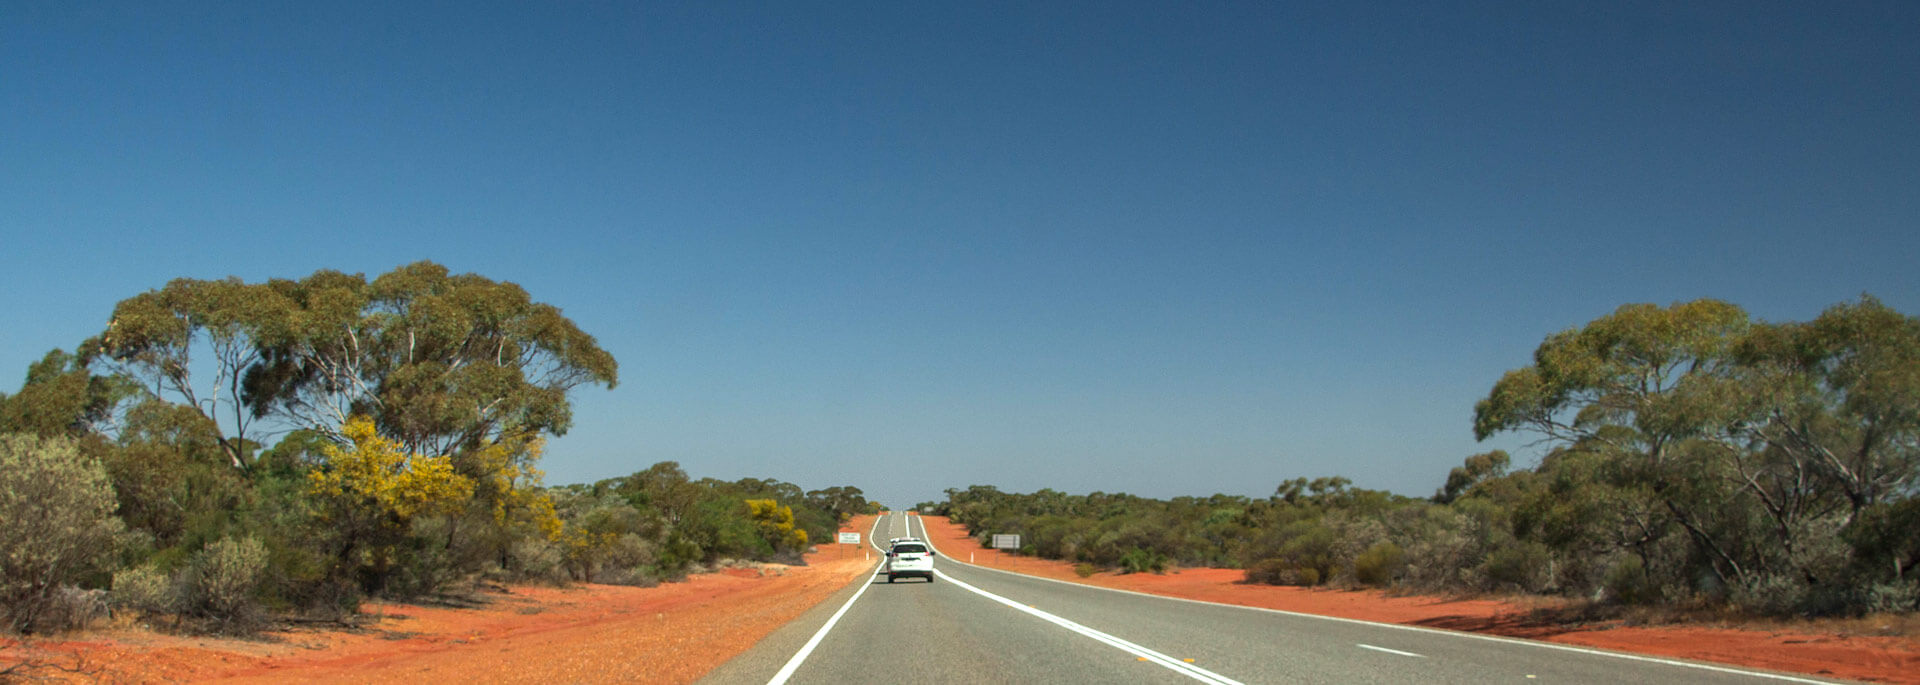 Roadtrip durch Westaustralien - Wissenswertes für die Planung